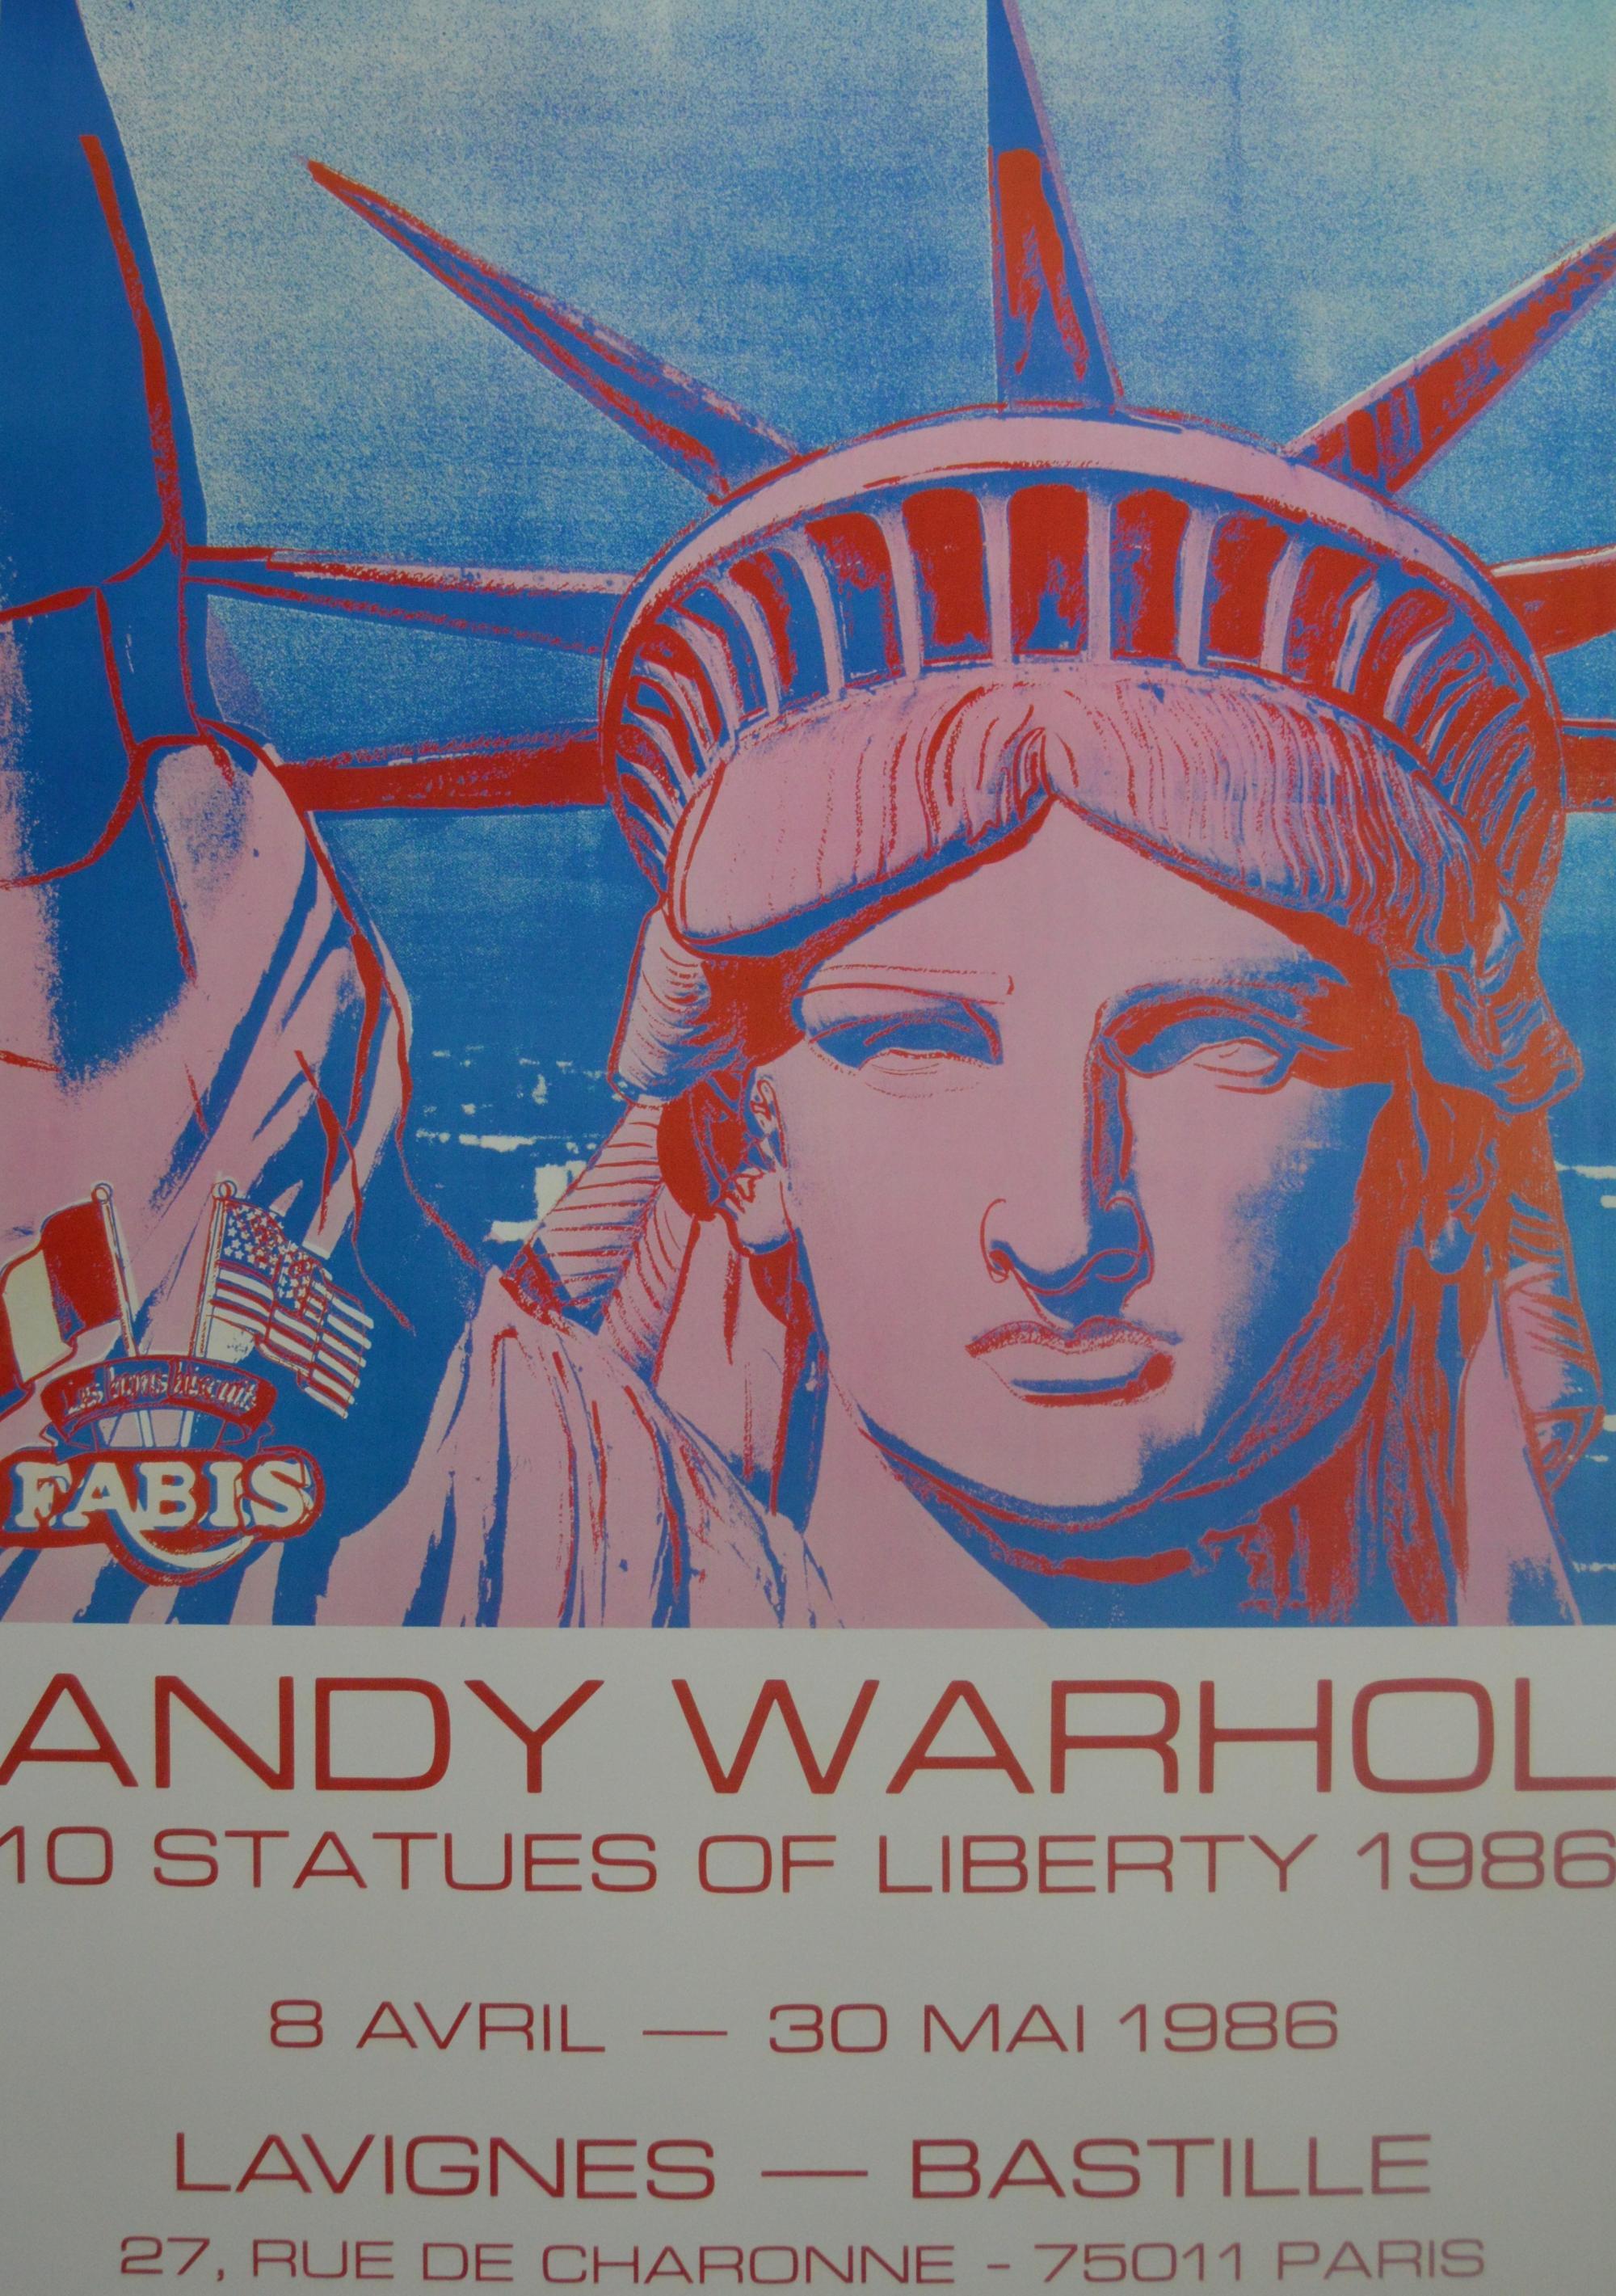 Andy Warhol After 10 Statues Of Liberty 1986 Original Poster Post War Modern Art Plazzart